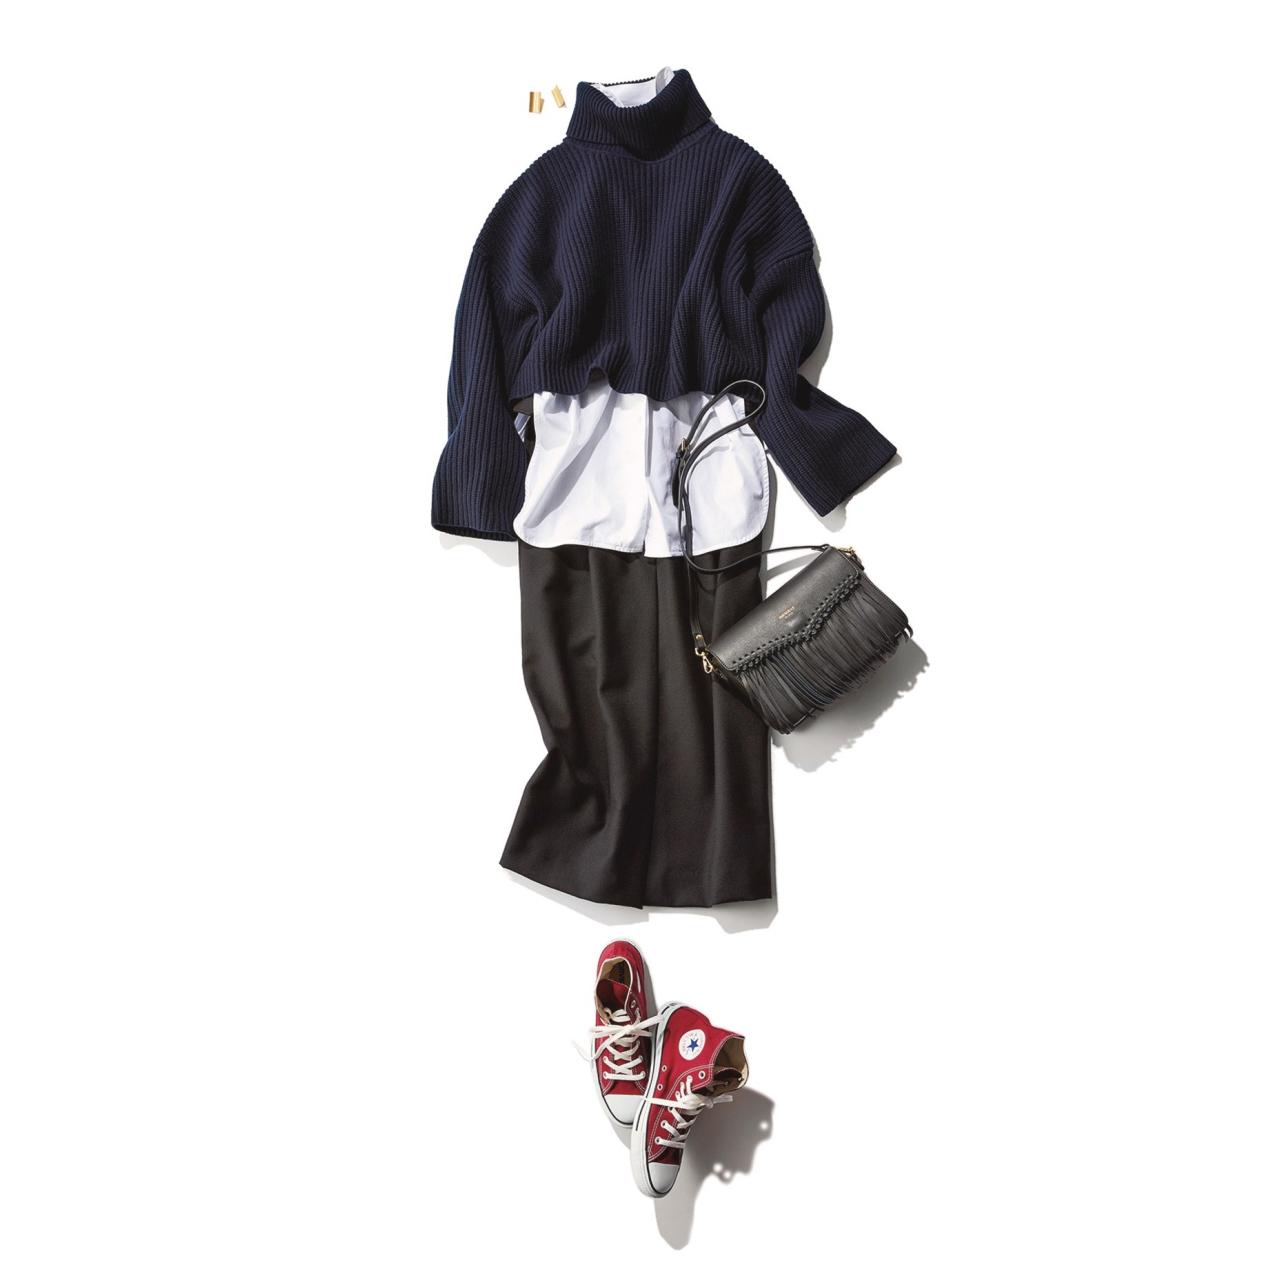 赤のコンバーススニーカー×ショートニット&スカートのファッションコーデ